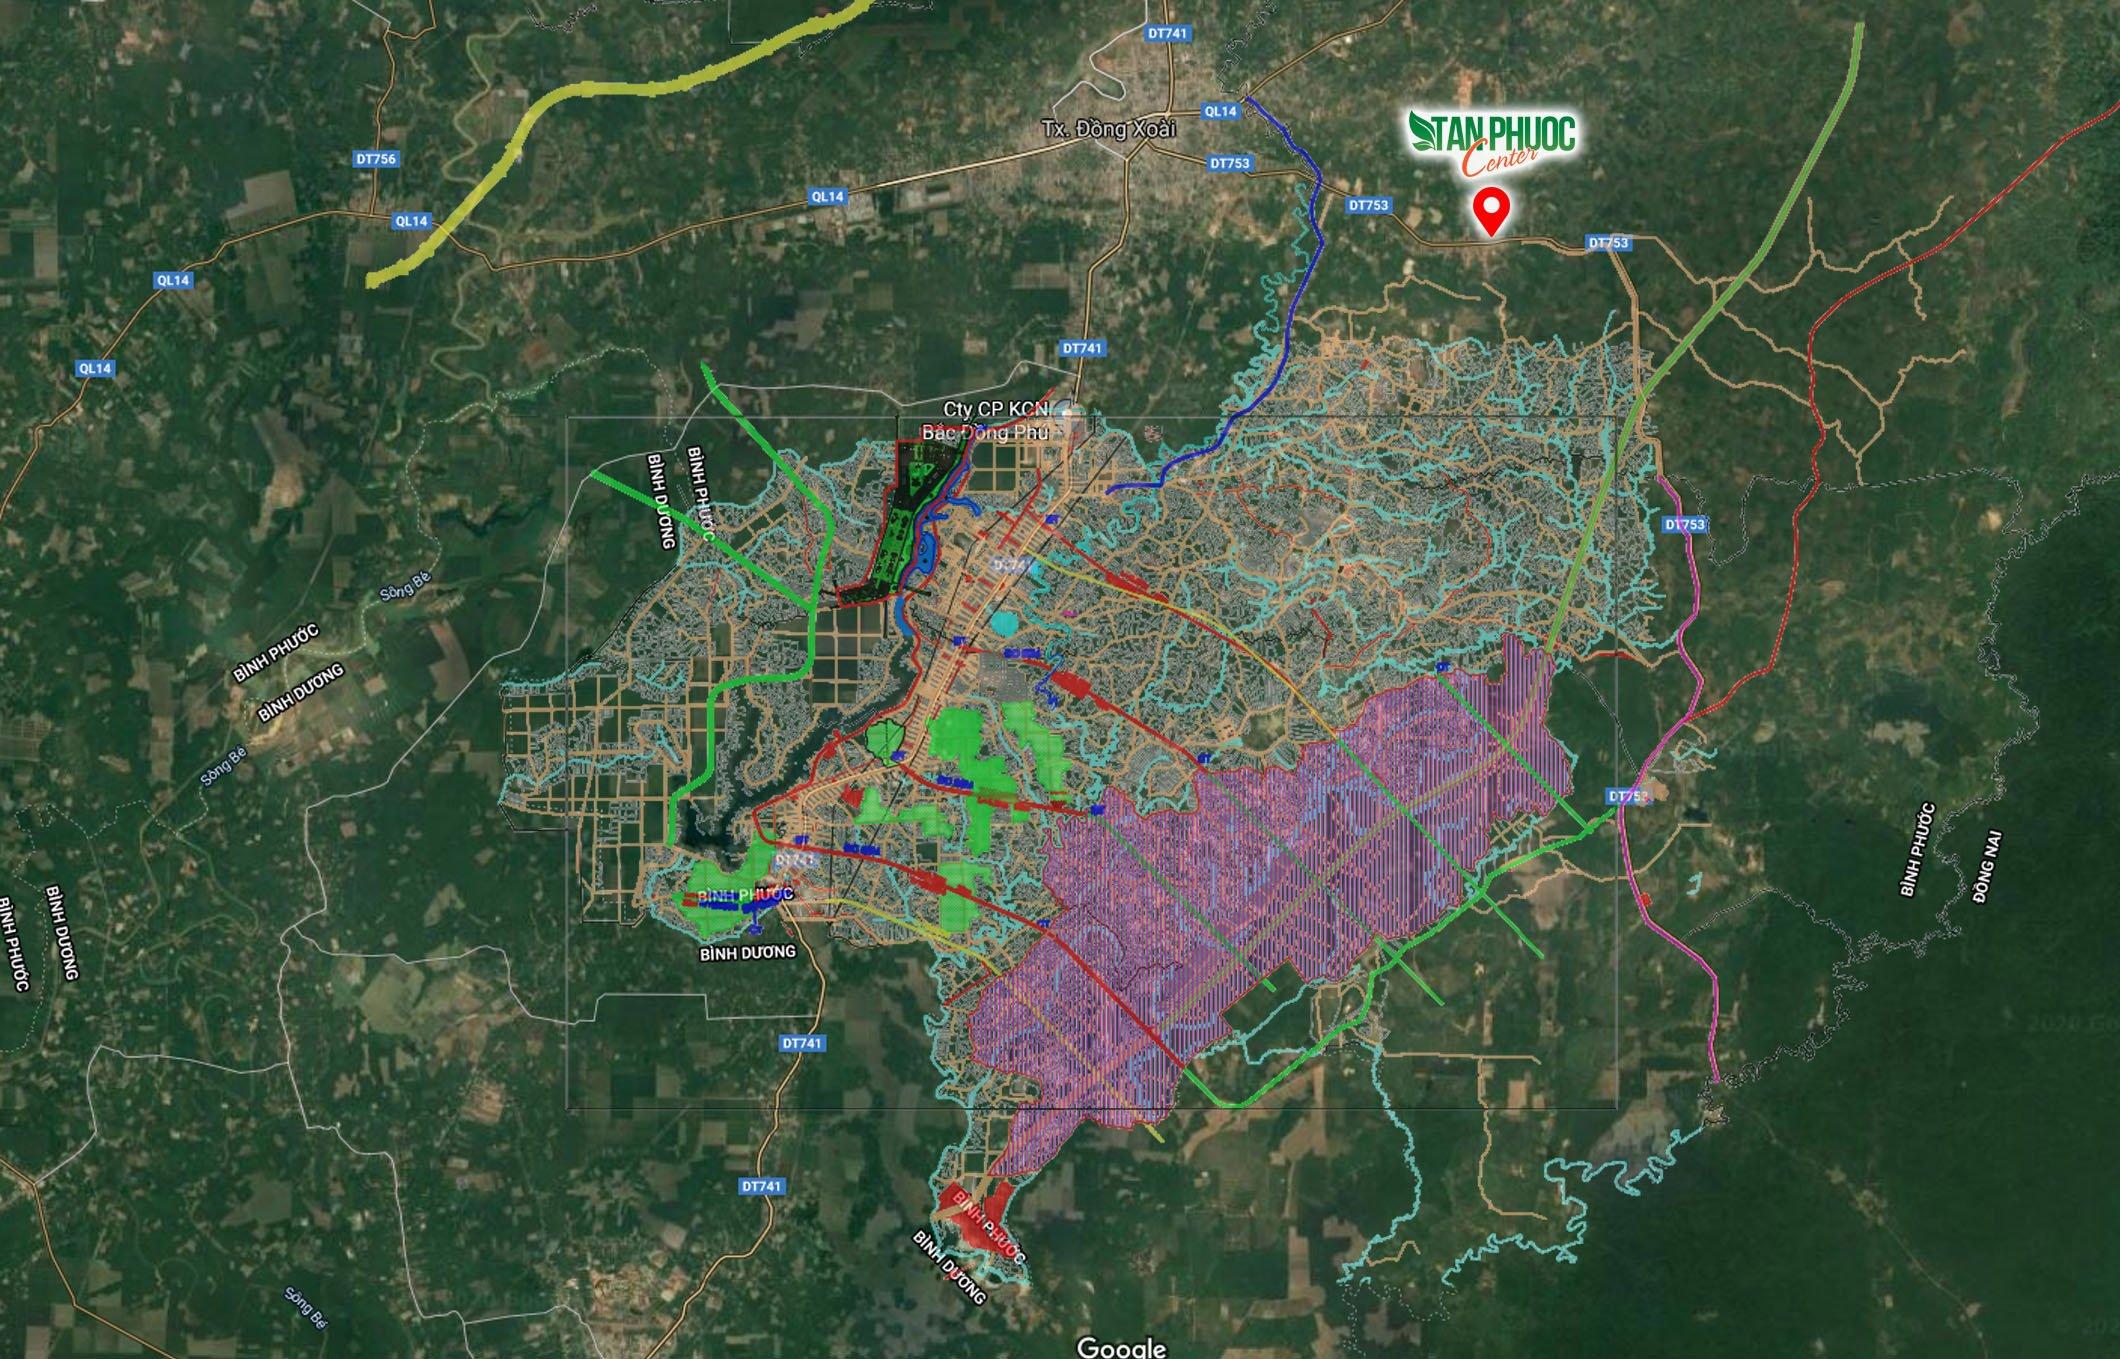 Khu công nghiệp Đồng Phú Becamex IDC 6300ha